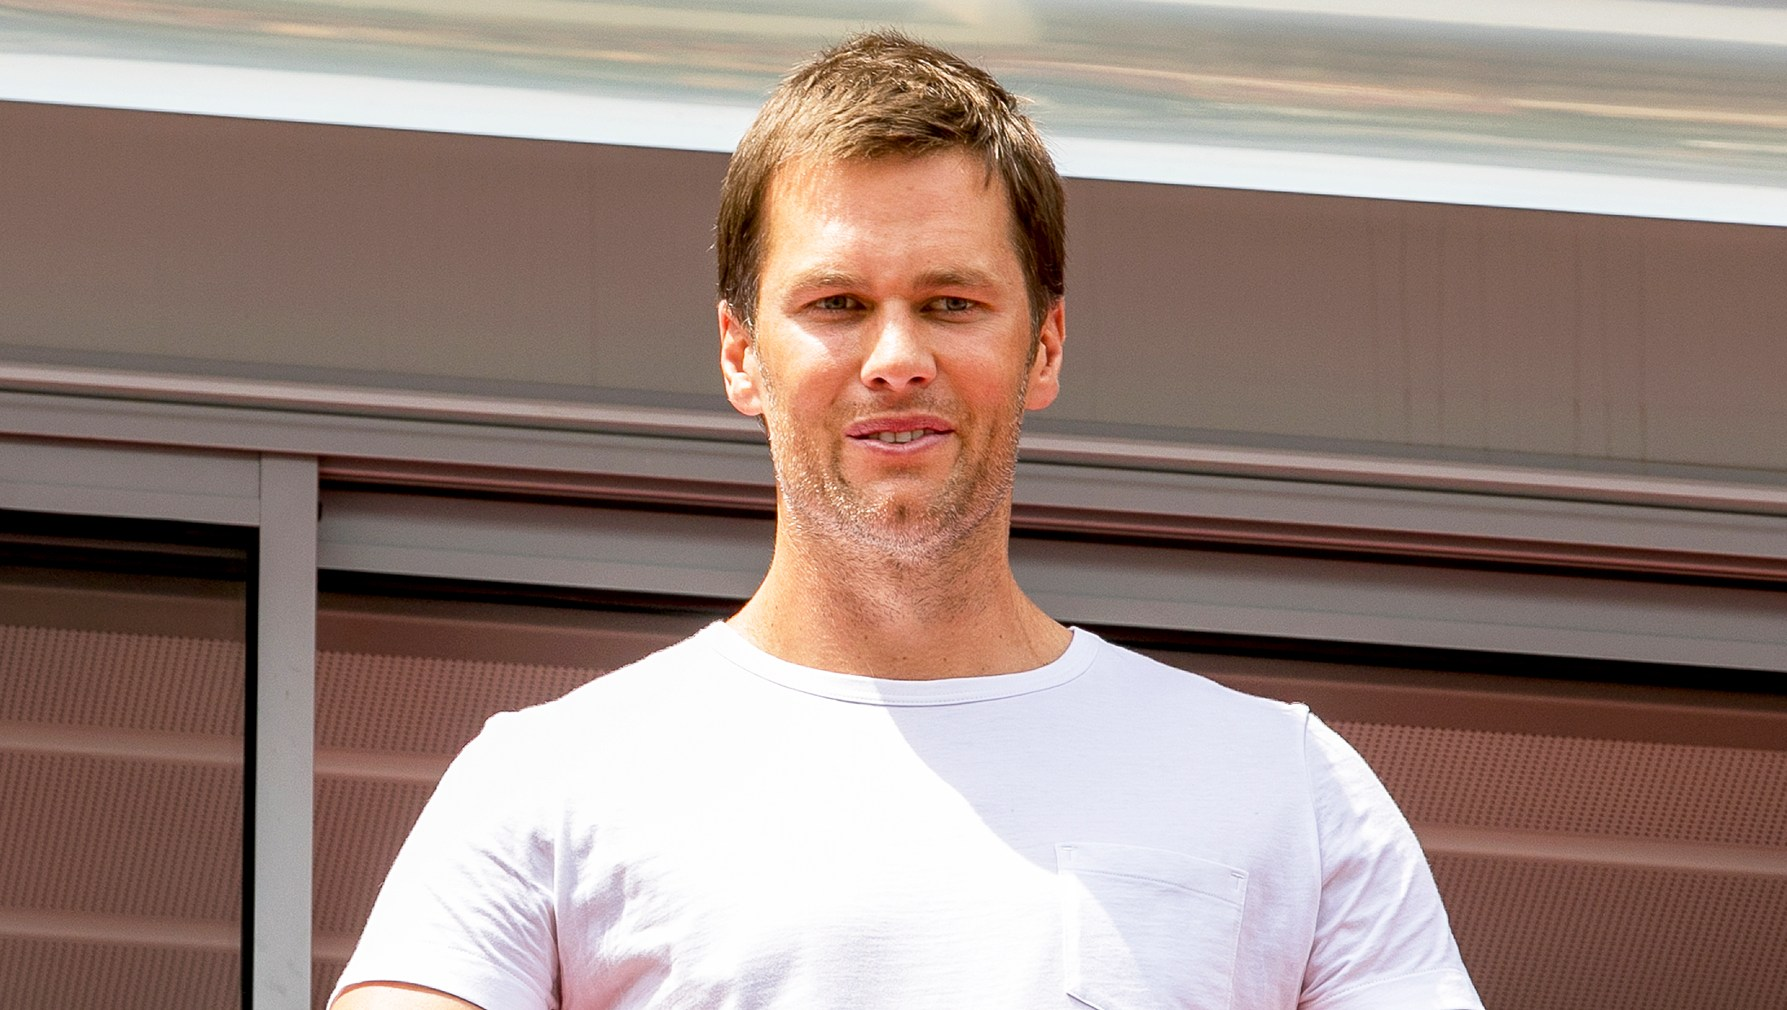 Tom Brady attends the 2018 Monaco Formula One Grand Prix at Circuit de Monaco in Monte-Carlo, Monaco.